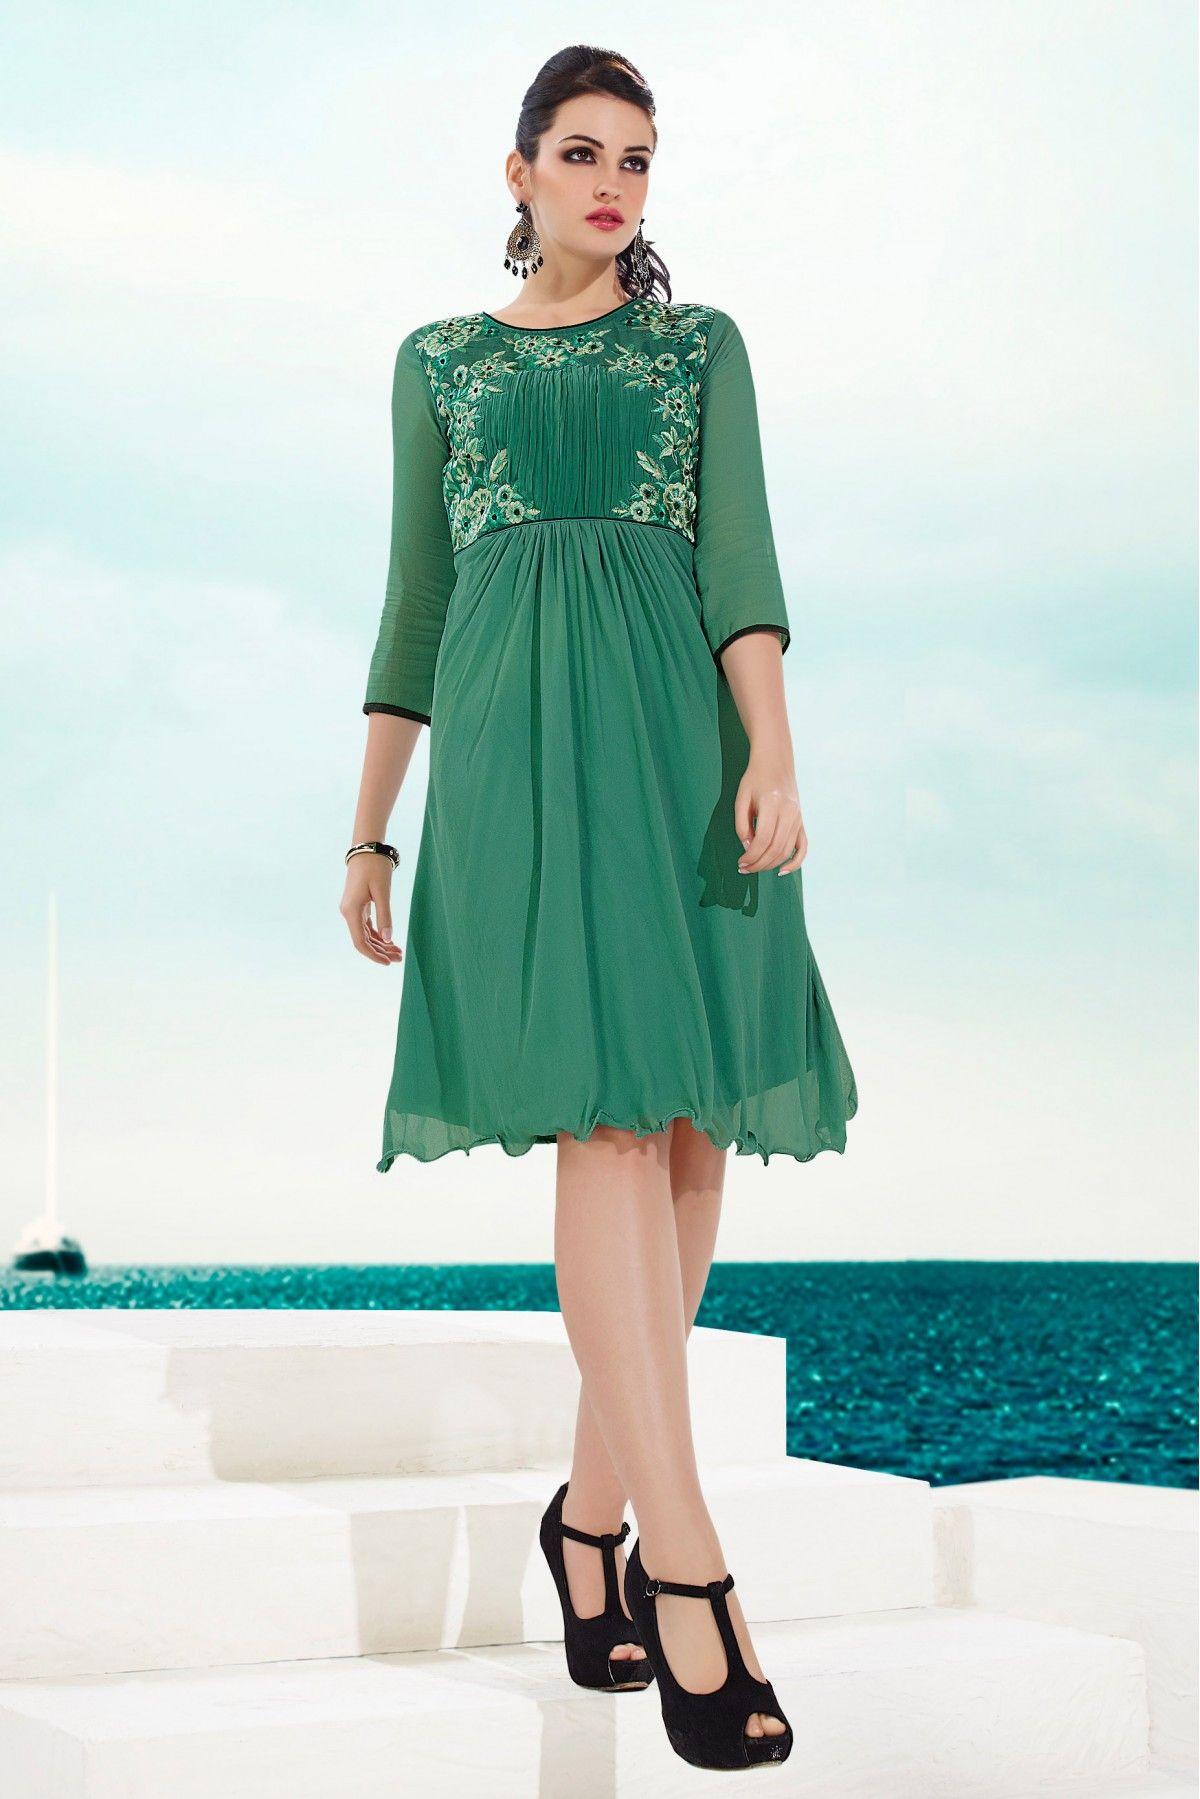 Georgette Party Wear Kurti in Sea Green Colour | Sea green color ...